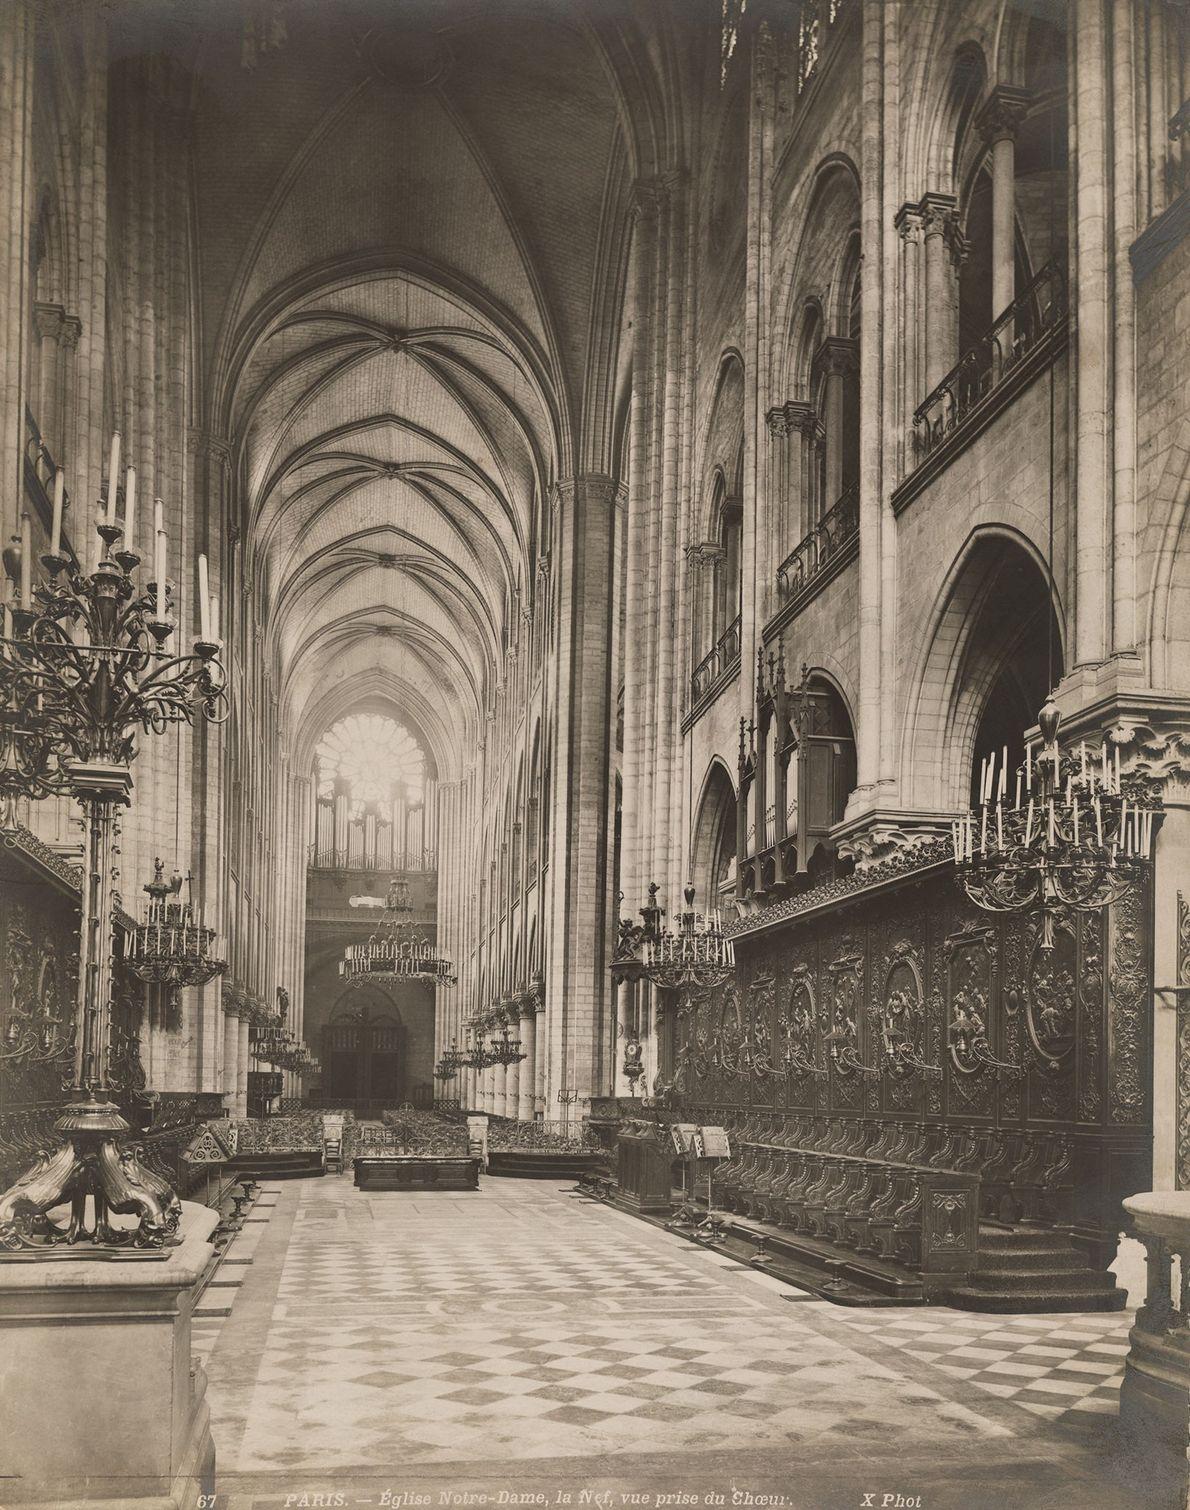 La structure intérieure en bois de Notre Dame a été détruite par le récent incendie.